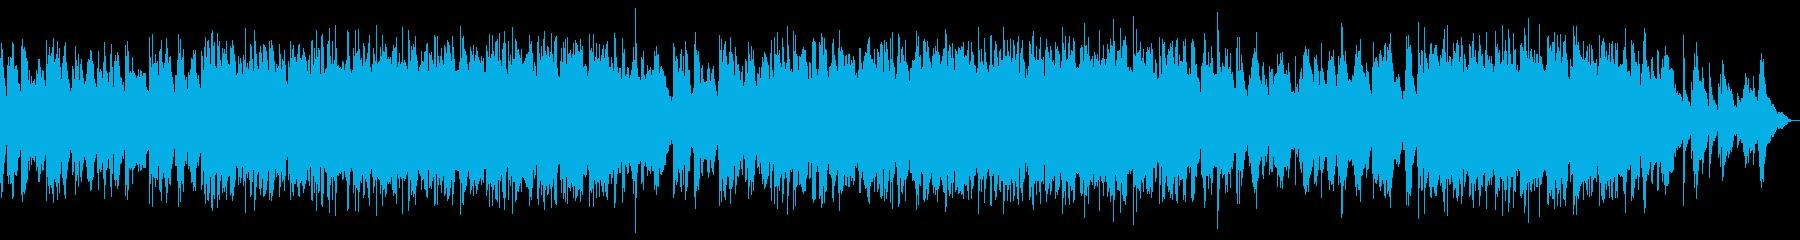 エレピが素敵なバラードの再生済みの波形